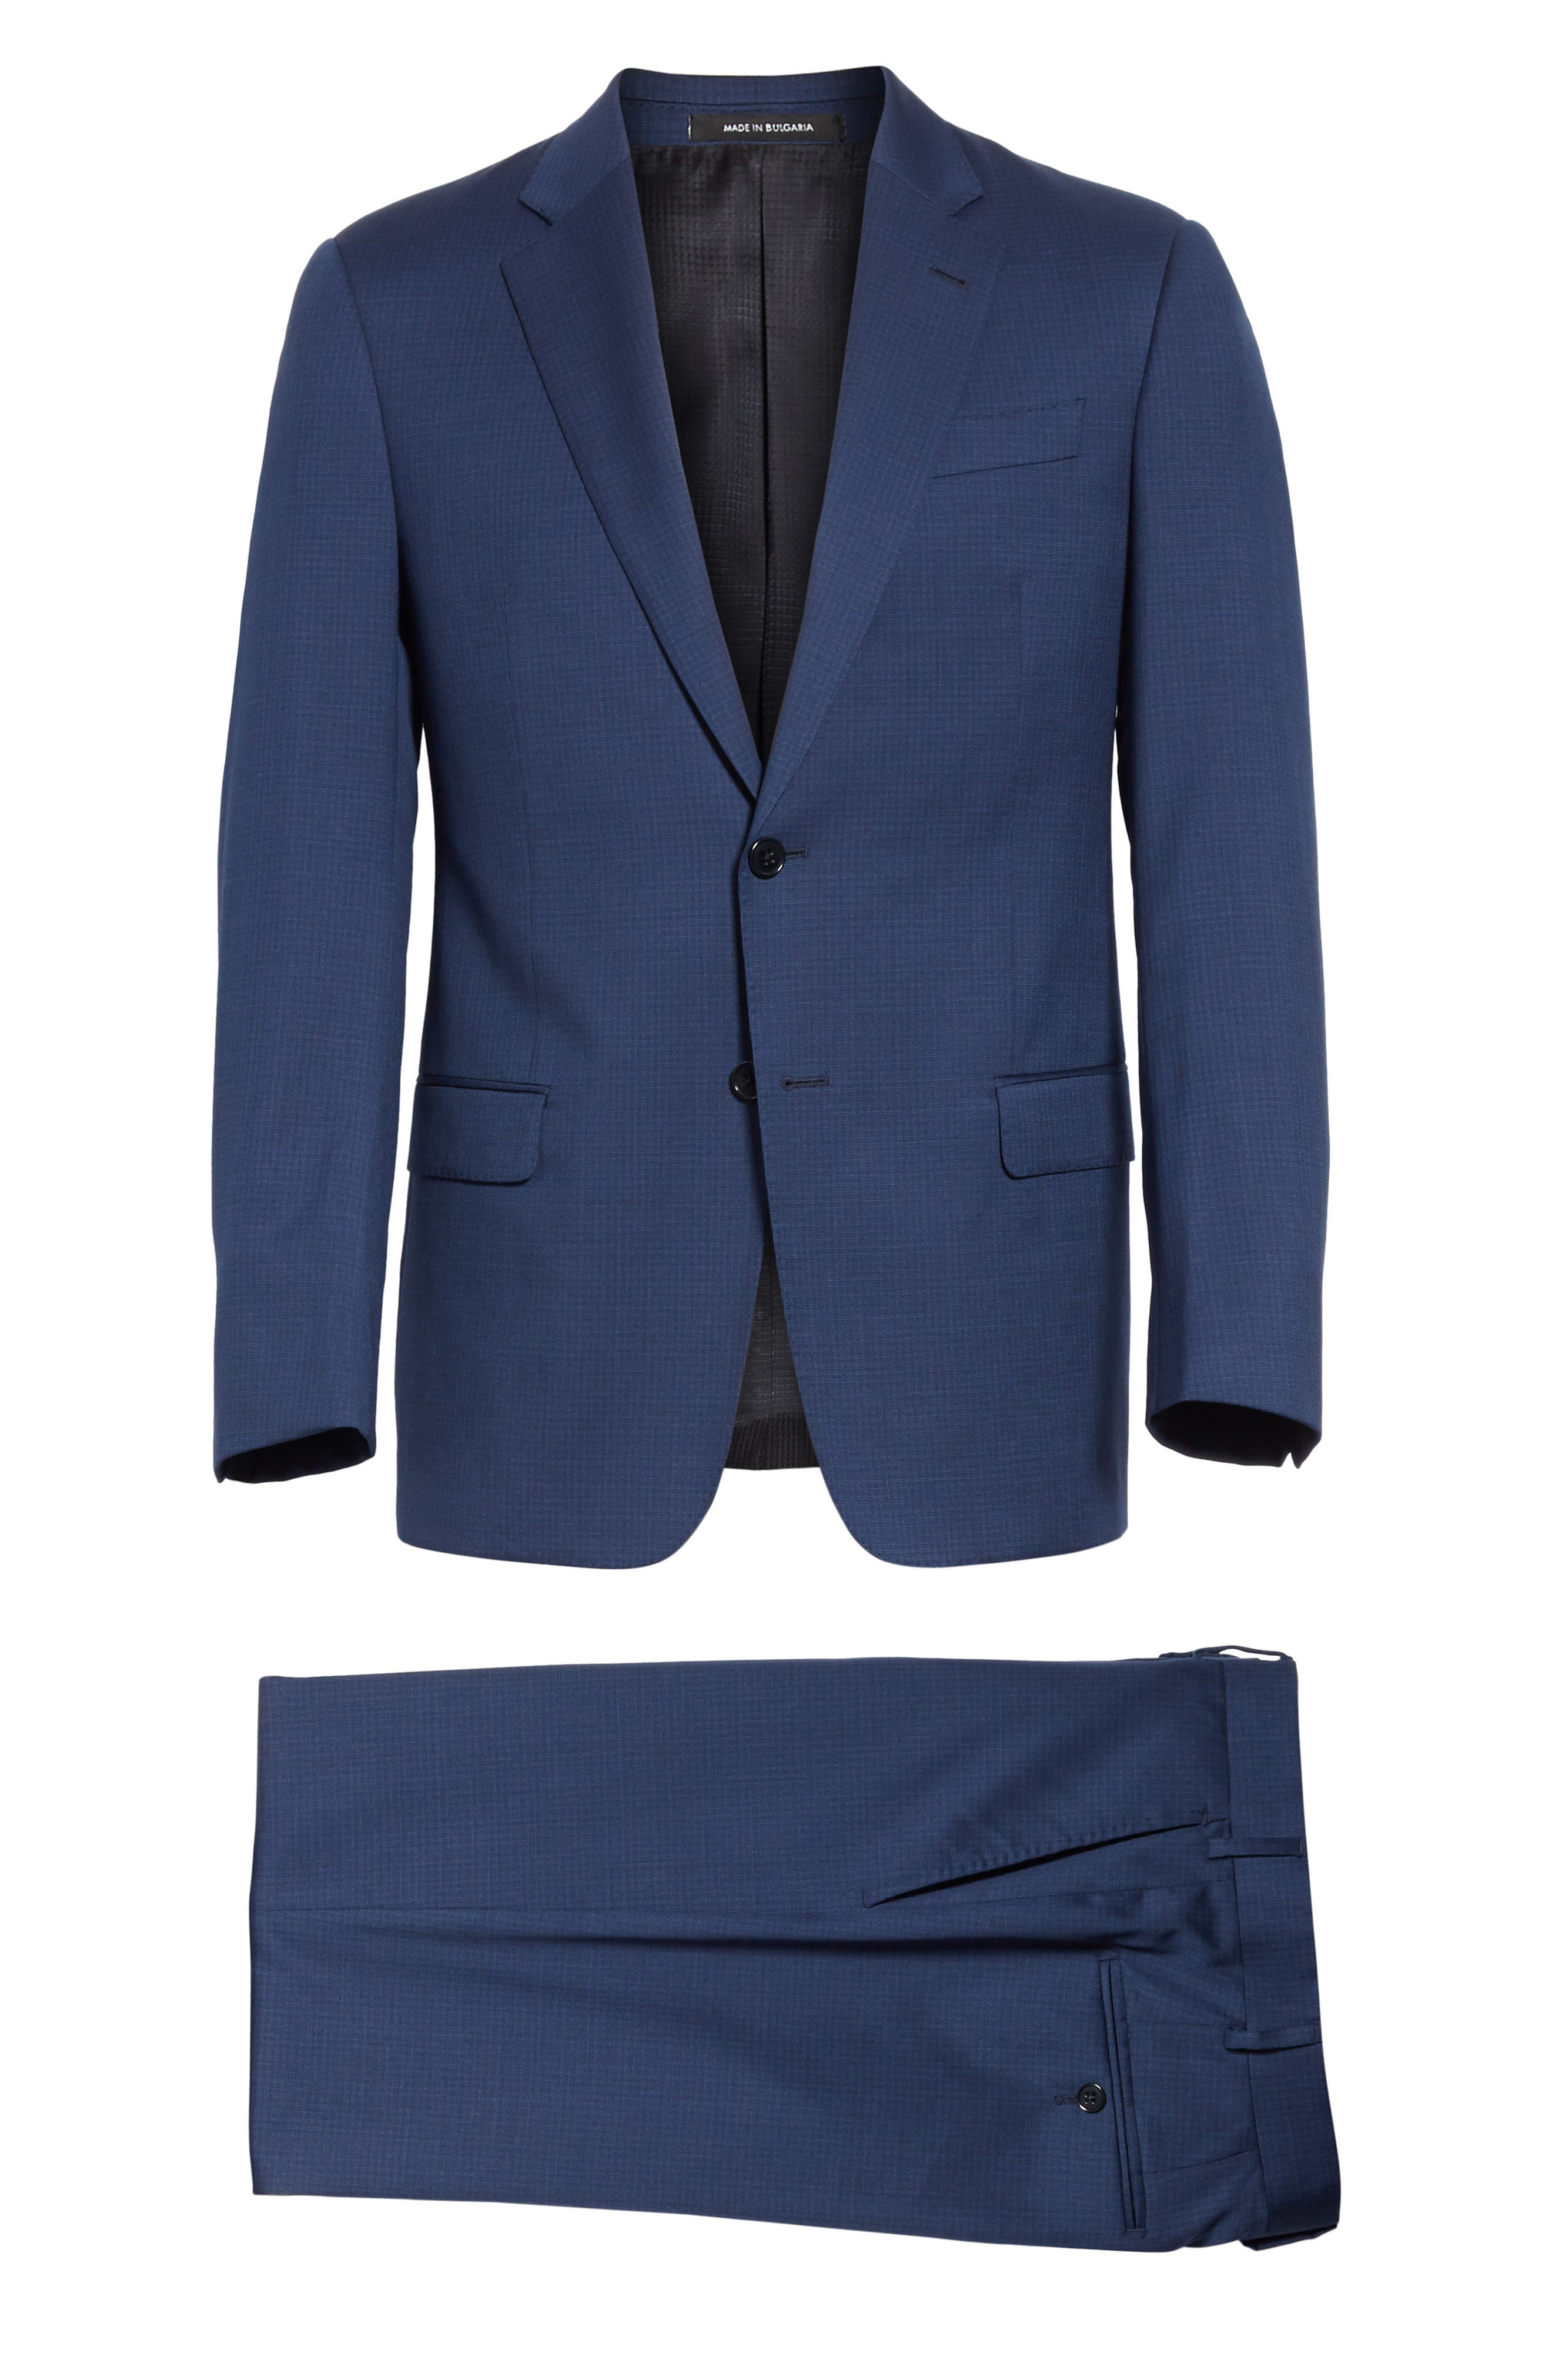 G Line Trim Fit Check Wool Suit,                             Alternate thumbnail 7, color,                             Navy